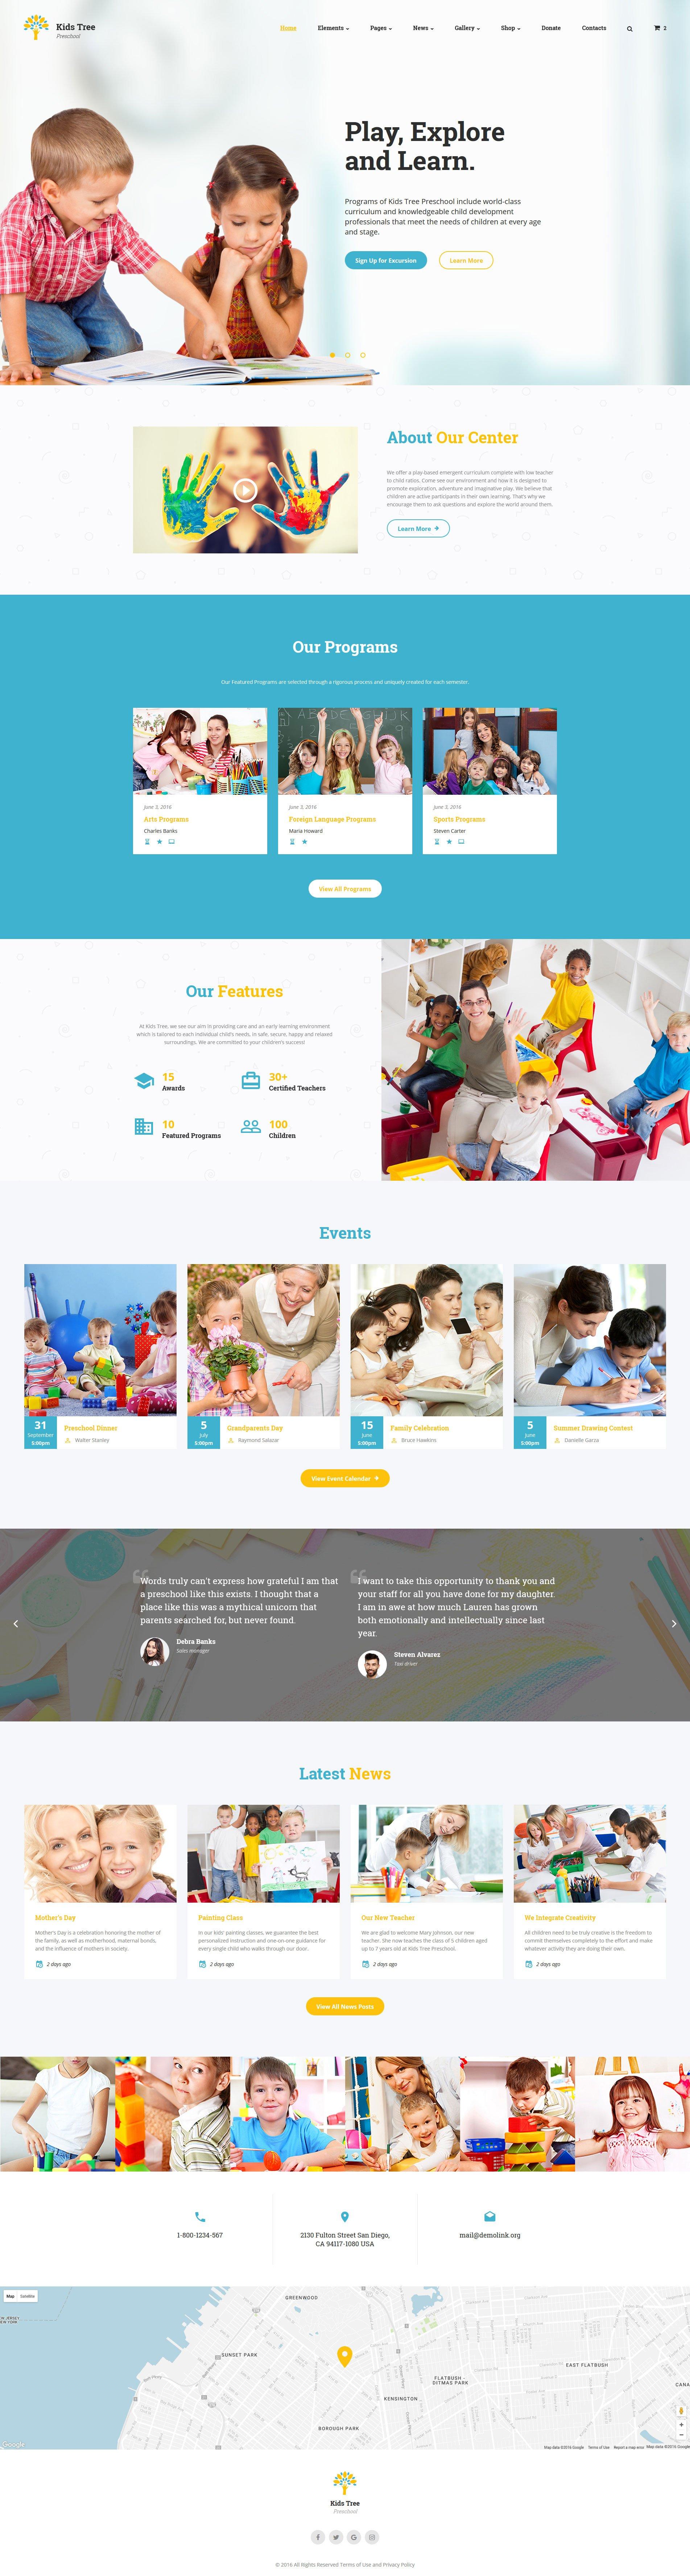 Responsywny szablon strony www Kids Tree #61183 - zrzut ekranu